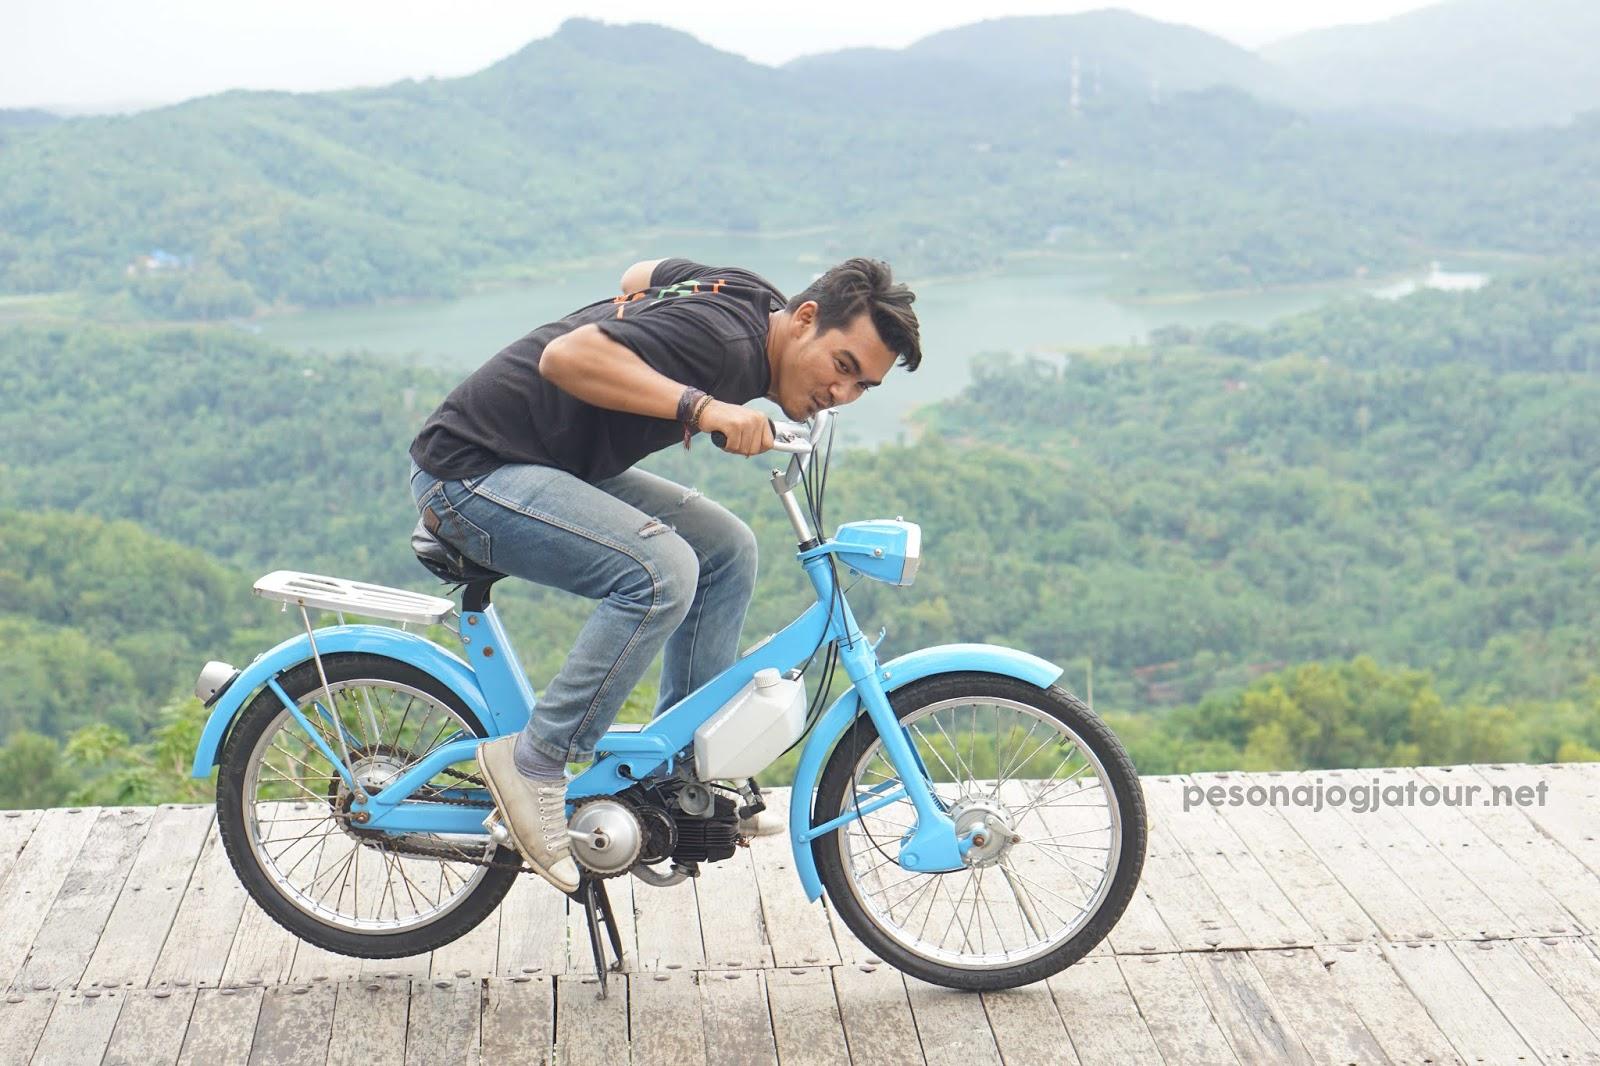 Spot sepeda motor pule payung